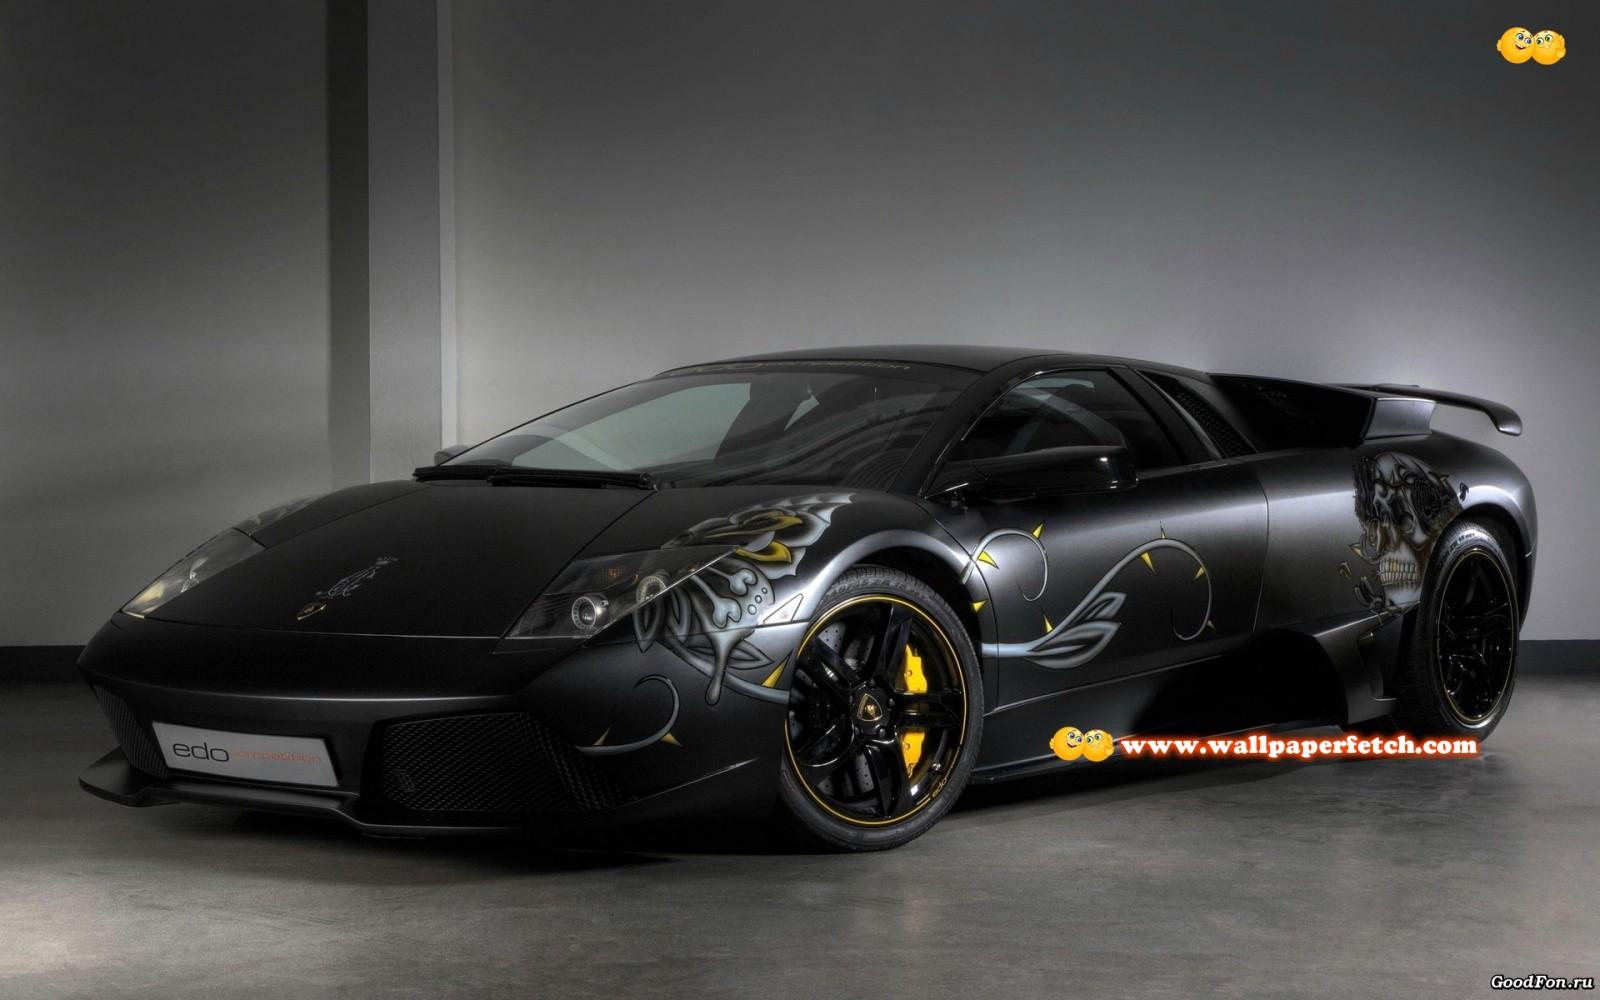 http://1.bp.blogspot.com/-yyUAfMWDEG8/TysNwYEu2FI/AAAAAAAAI_c/JnbKdmQ2ksU/s1600/ws_Lamborghini_LP710_1600x1200.jpg